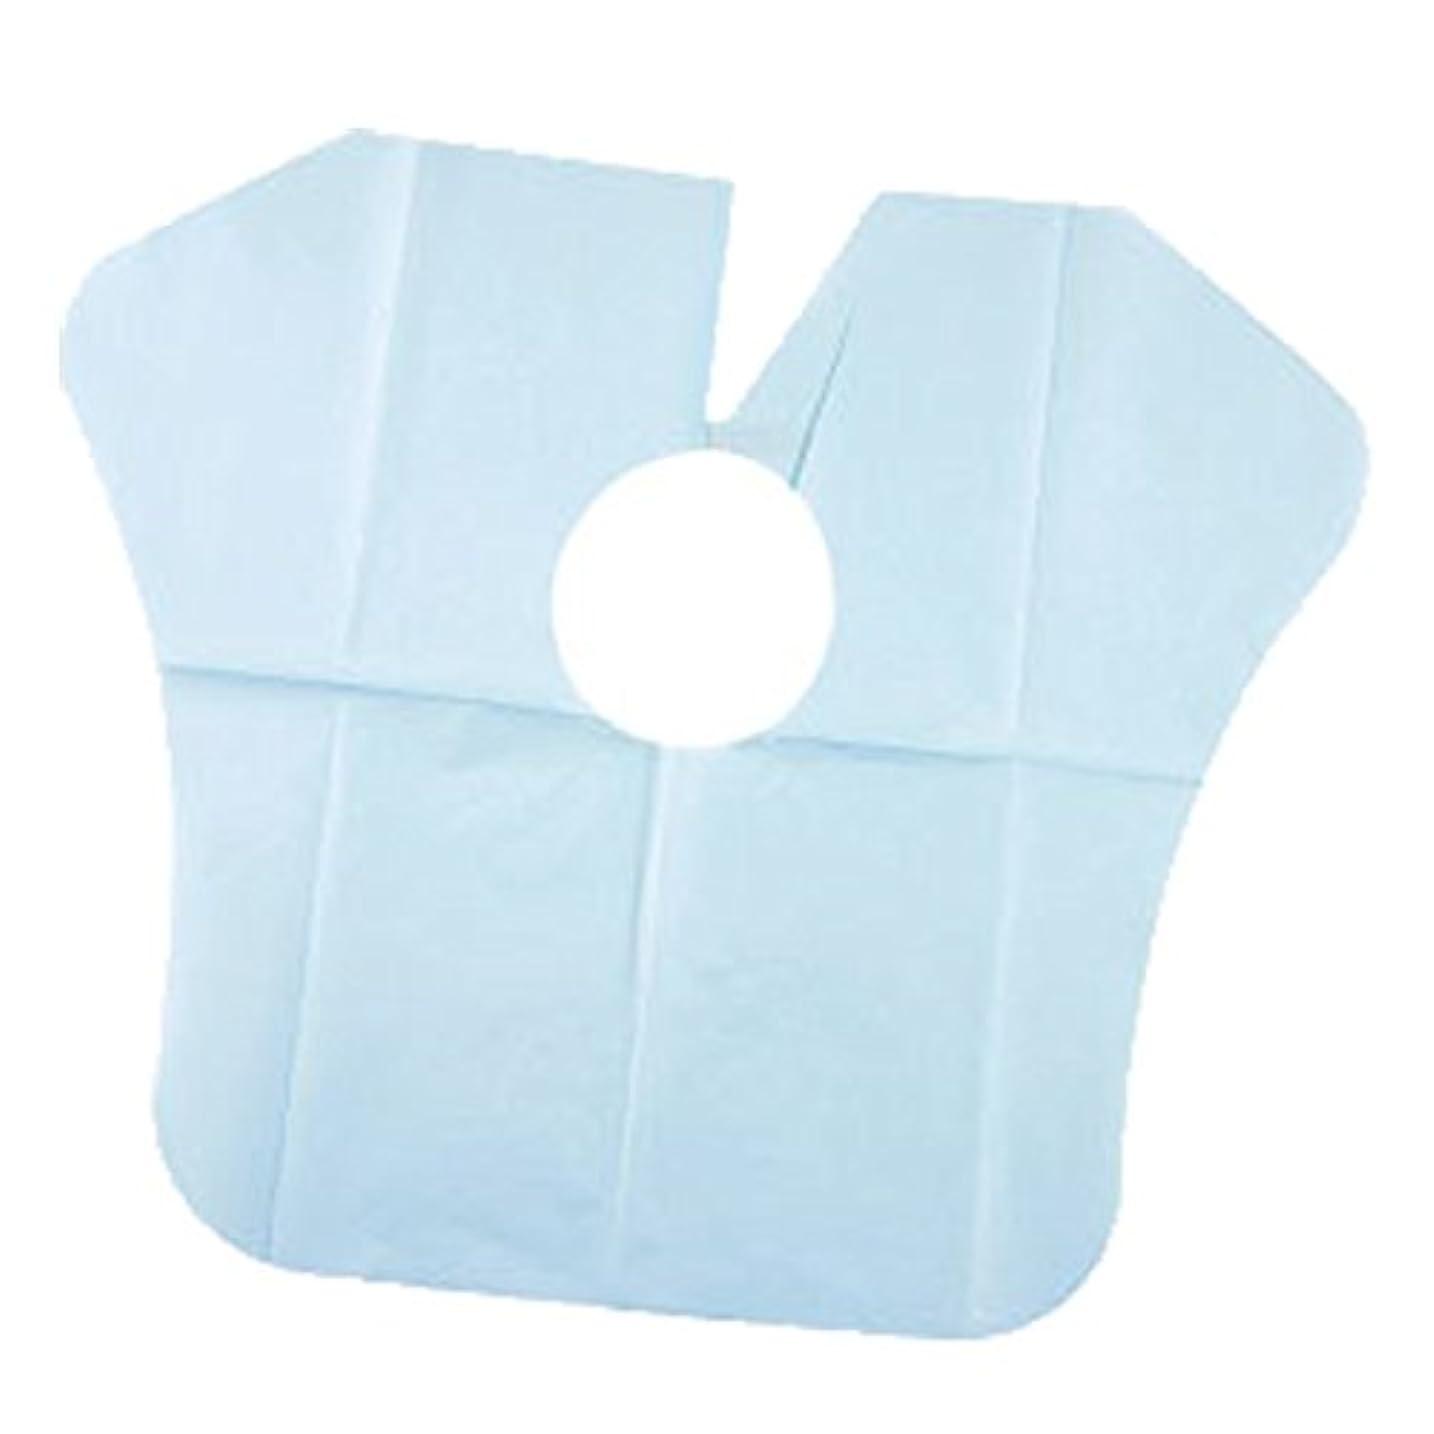 にはまってゴルフ予備ヨネコ ペーパーケープ 30枚入 不織布 ヘアダイクロスを汚れから守ります! YONECO